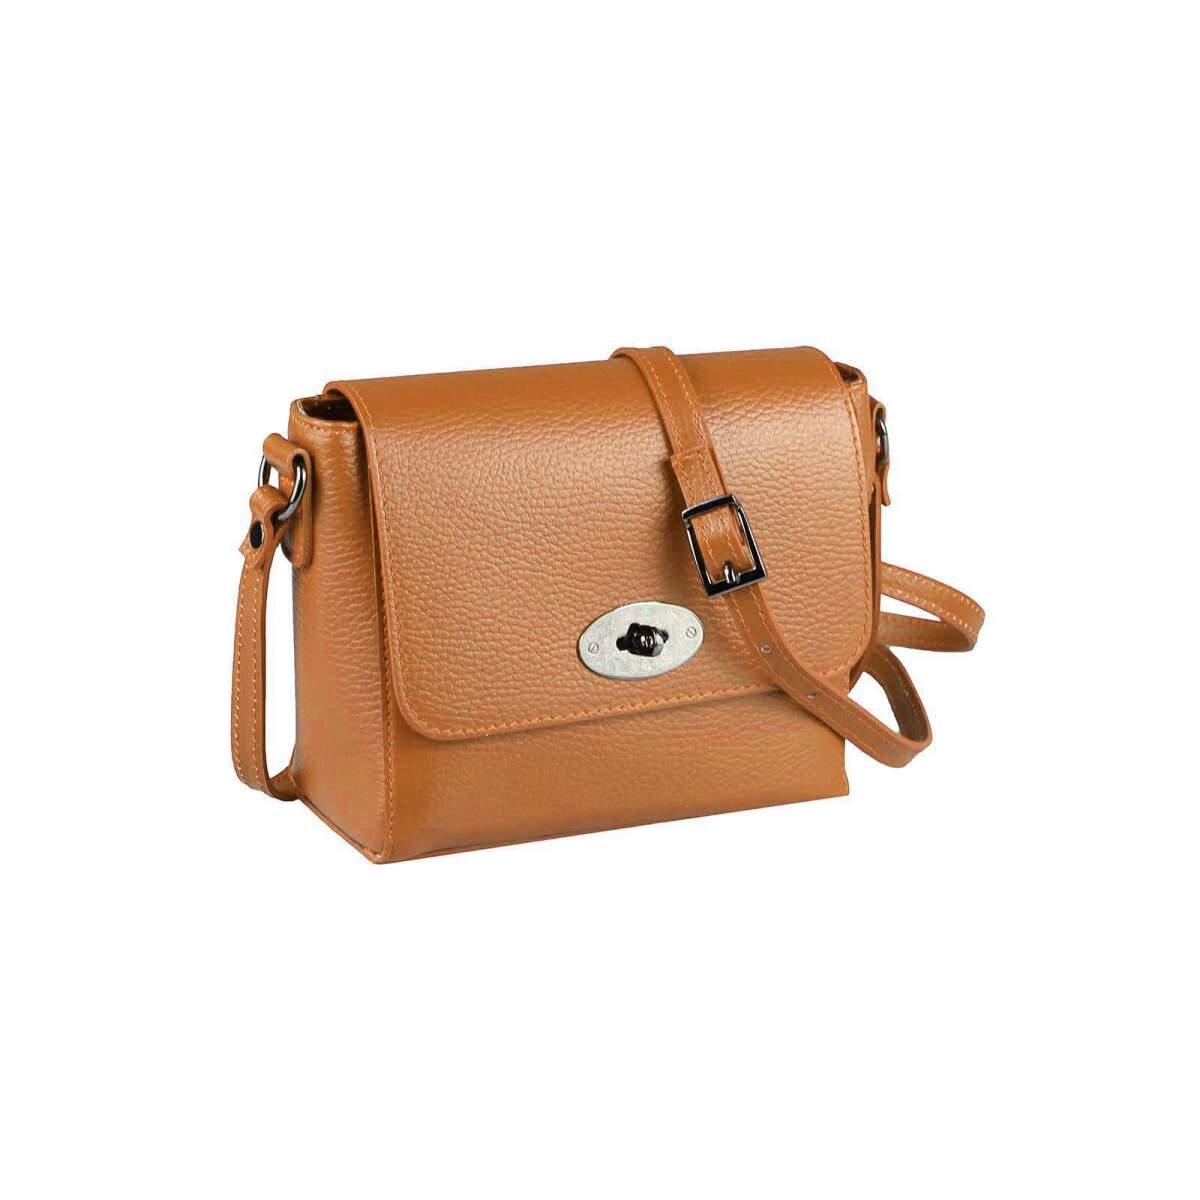 9232ff407734b Made in Italy Damen Ketten Tasche Schultertasche Umhängetasche Abendtasche  Handtasche Clutch Henkeltasche Überschlagtasche